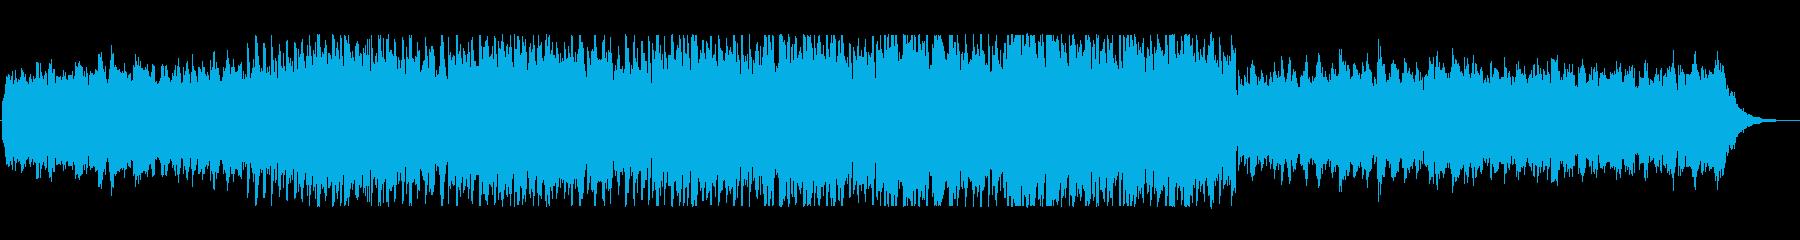 アップテンポの明るいポップサウンドの再生済みの波形